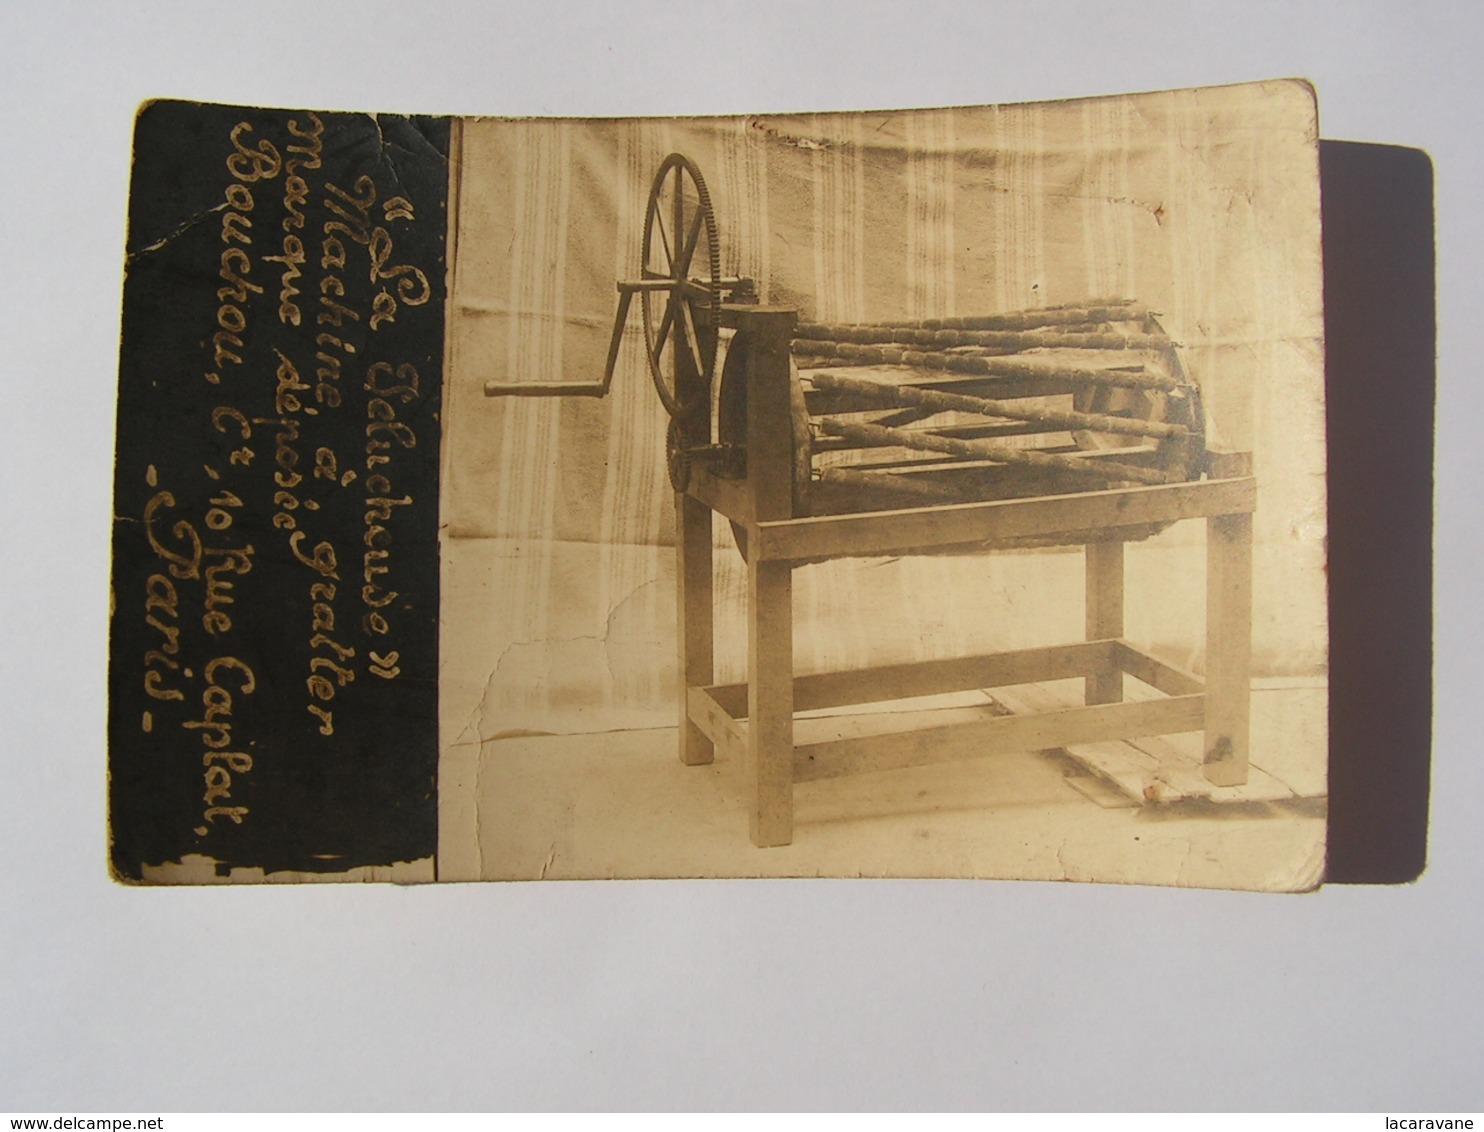 Carte Photo Machine A Gratter La Pelucheuse Bouchou 10 Rue Caplat XVIIIeme Arrondissement Art Populaire Metier - Petits Métiers à Paris